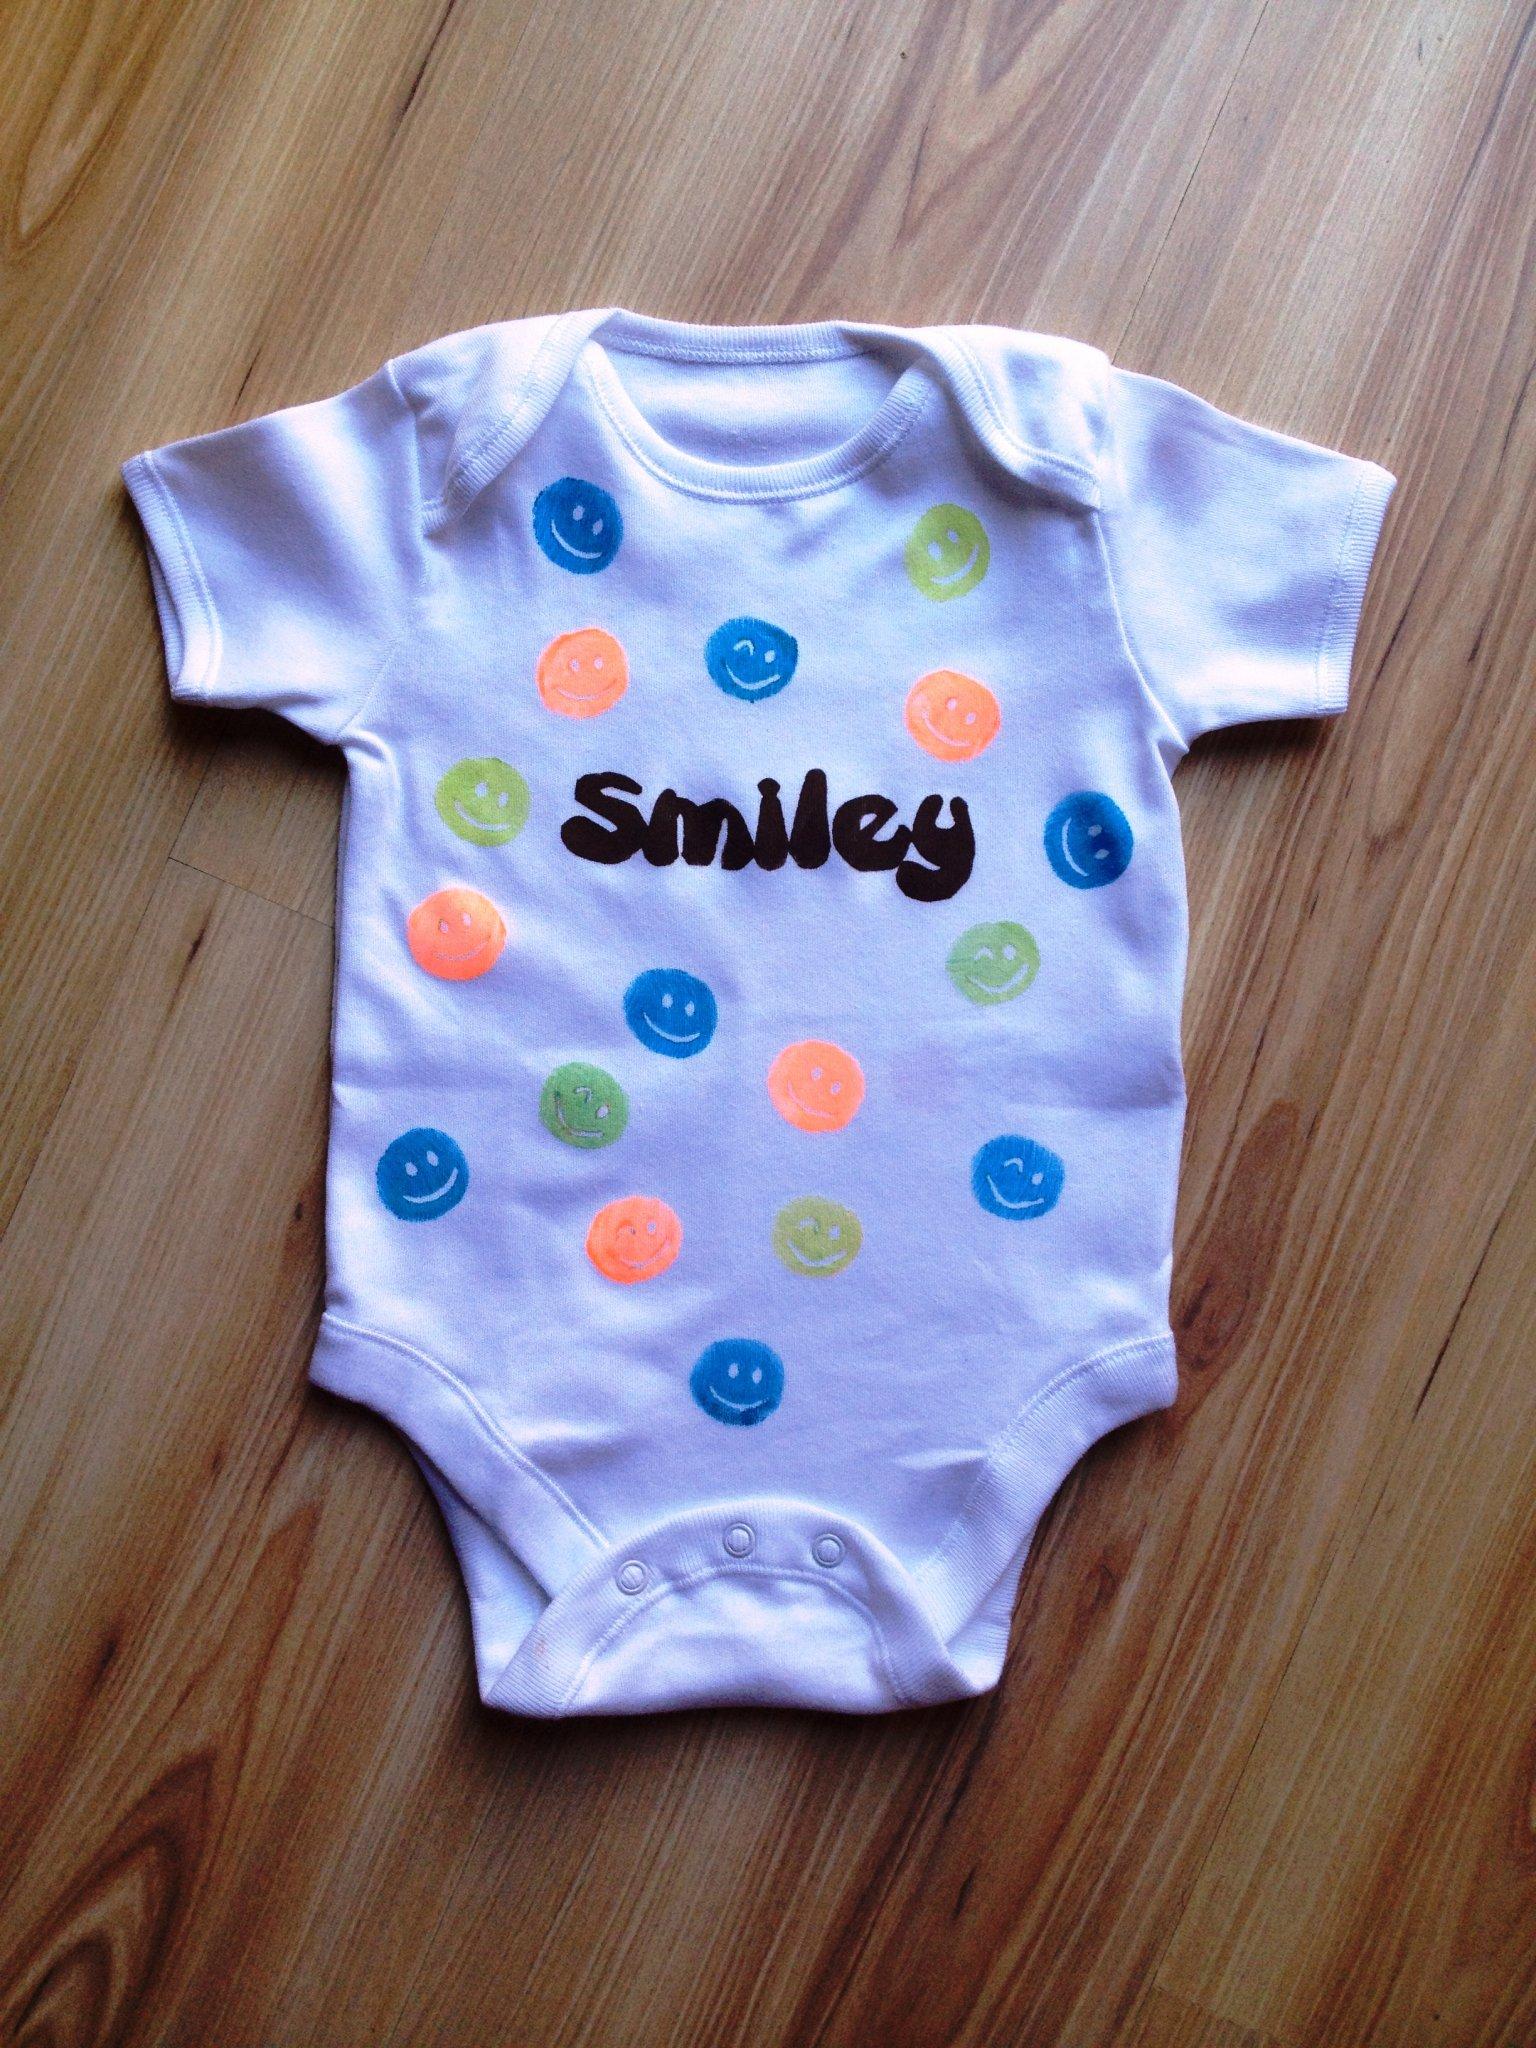 512c6308e1 Legyél Te is textiltervező! | MammBa - A baba és kisgyerek ...